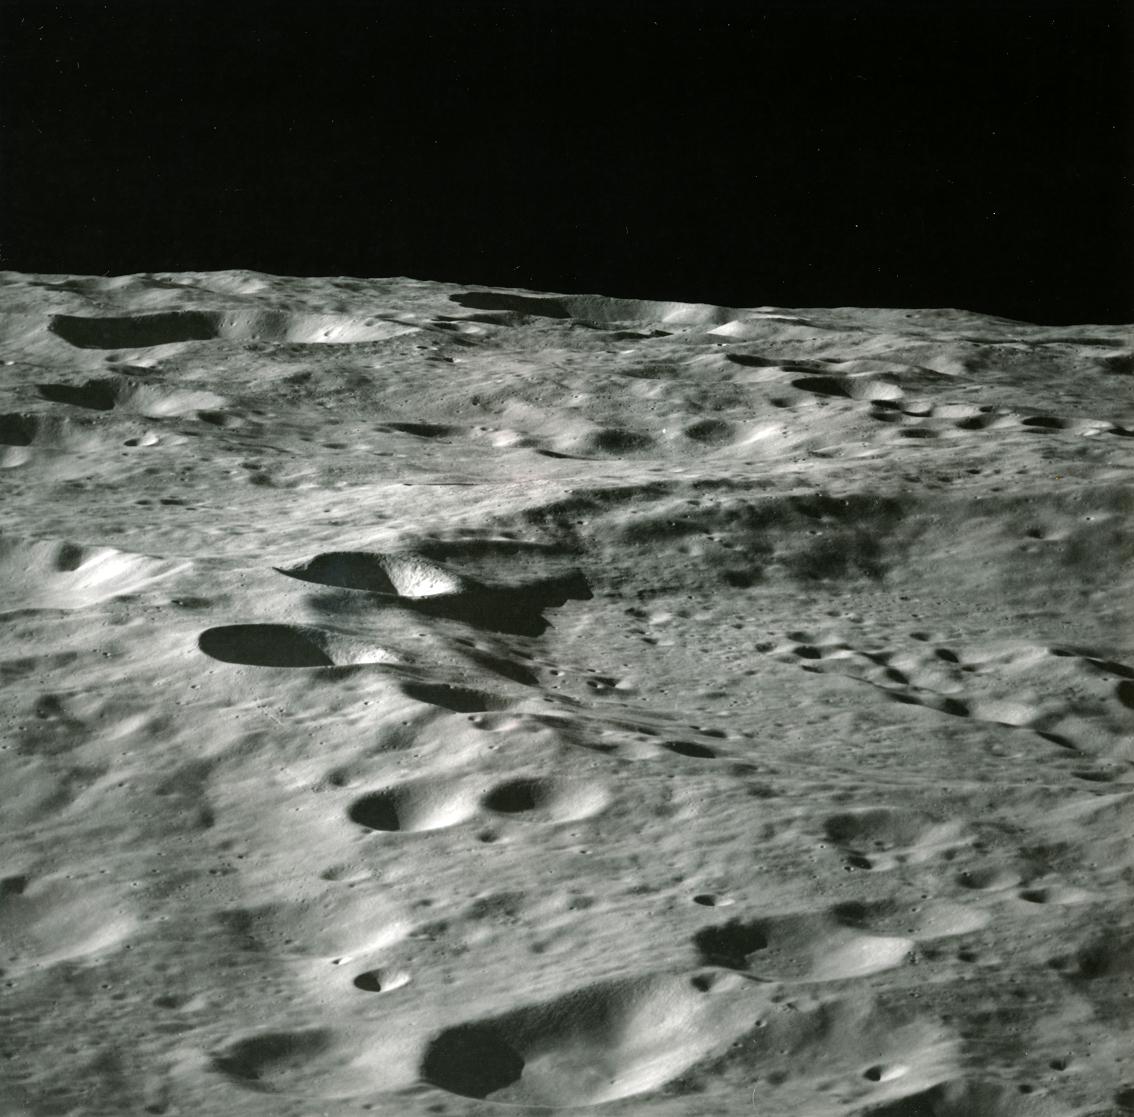 Lot 38 - Nasa. Mission Apollo 10. Vue oblique du cratère Papaleksi situé sur la face cachée [...]